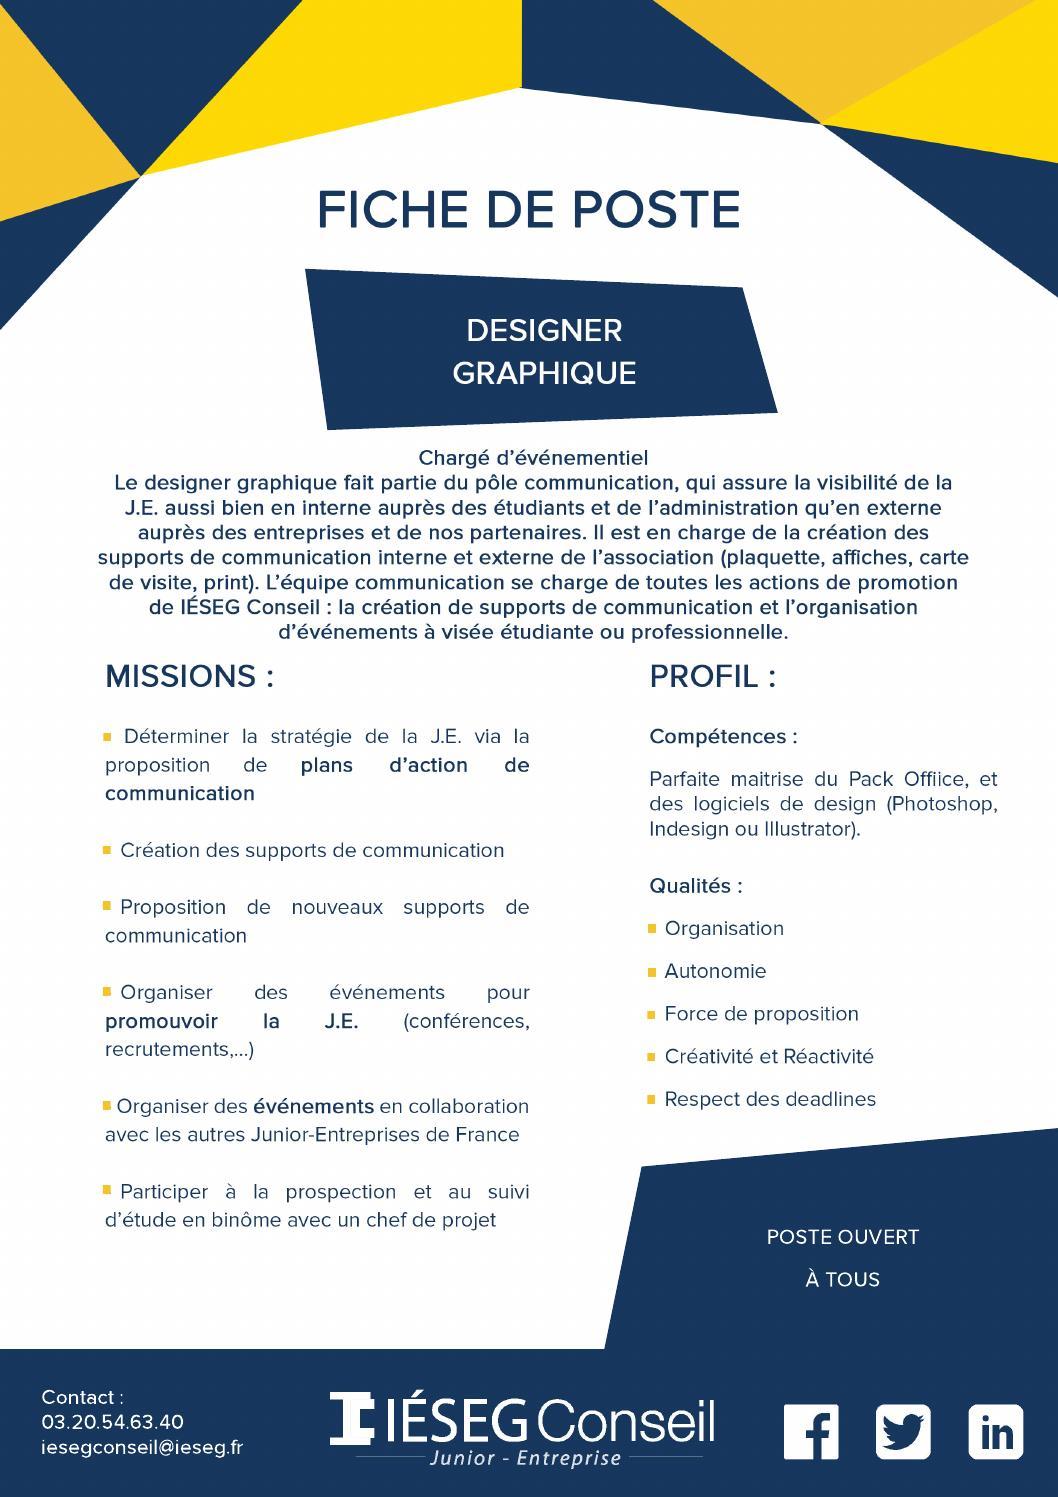 Fiche de poste designer graphique by Équipe Iéseg Conseil ...